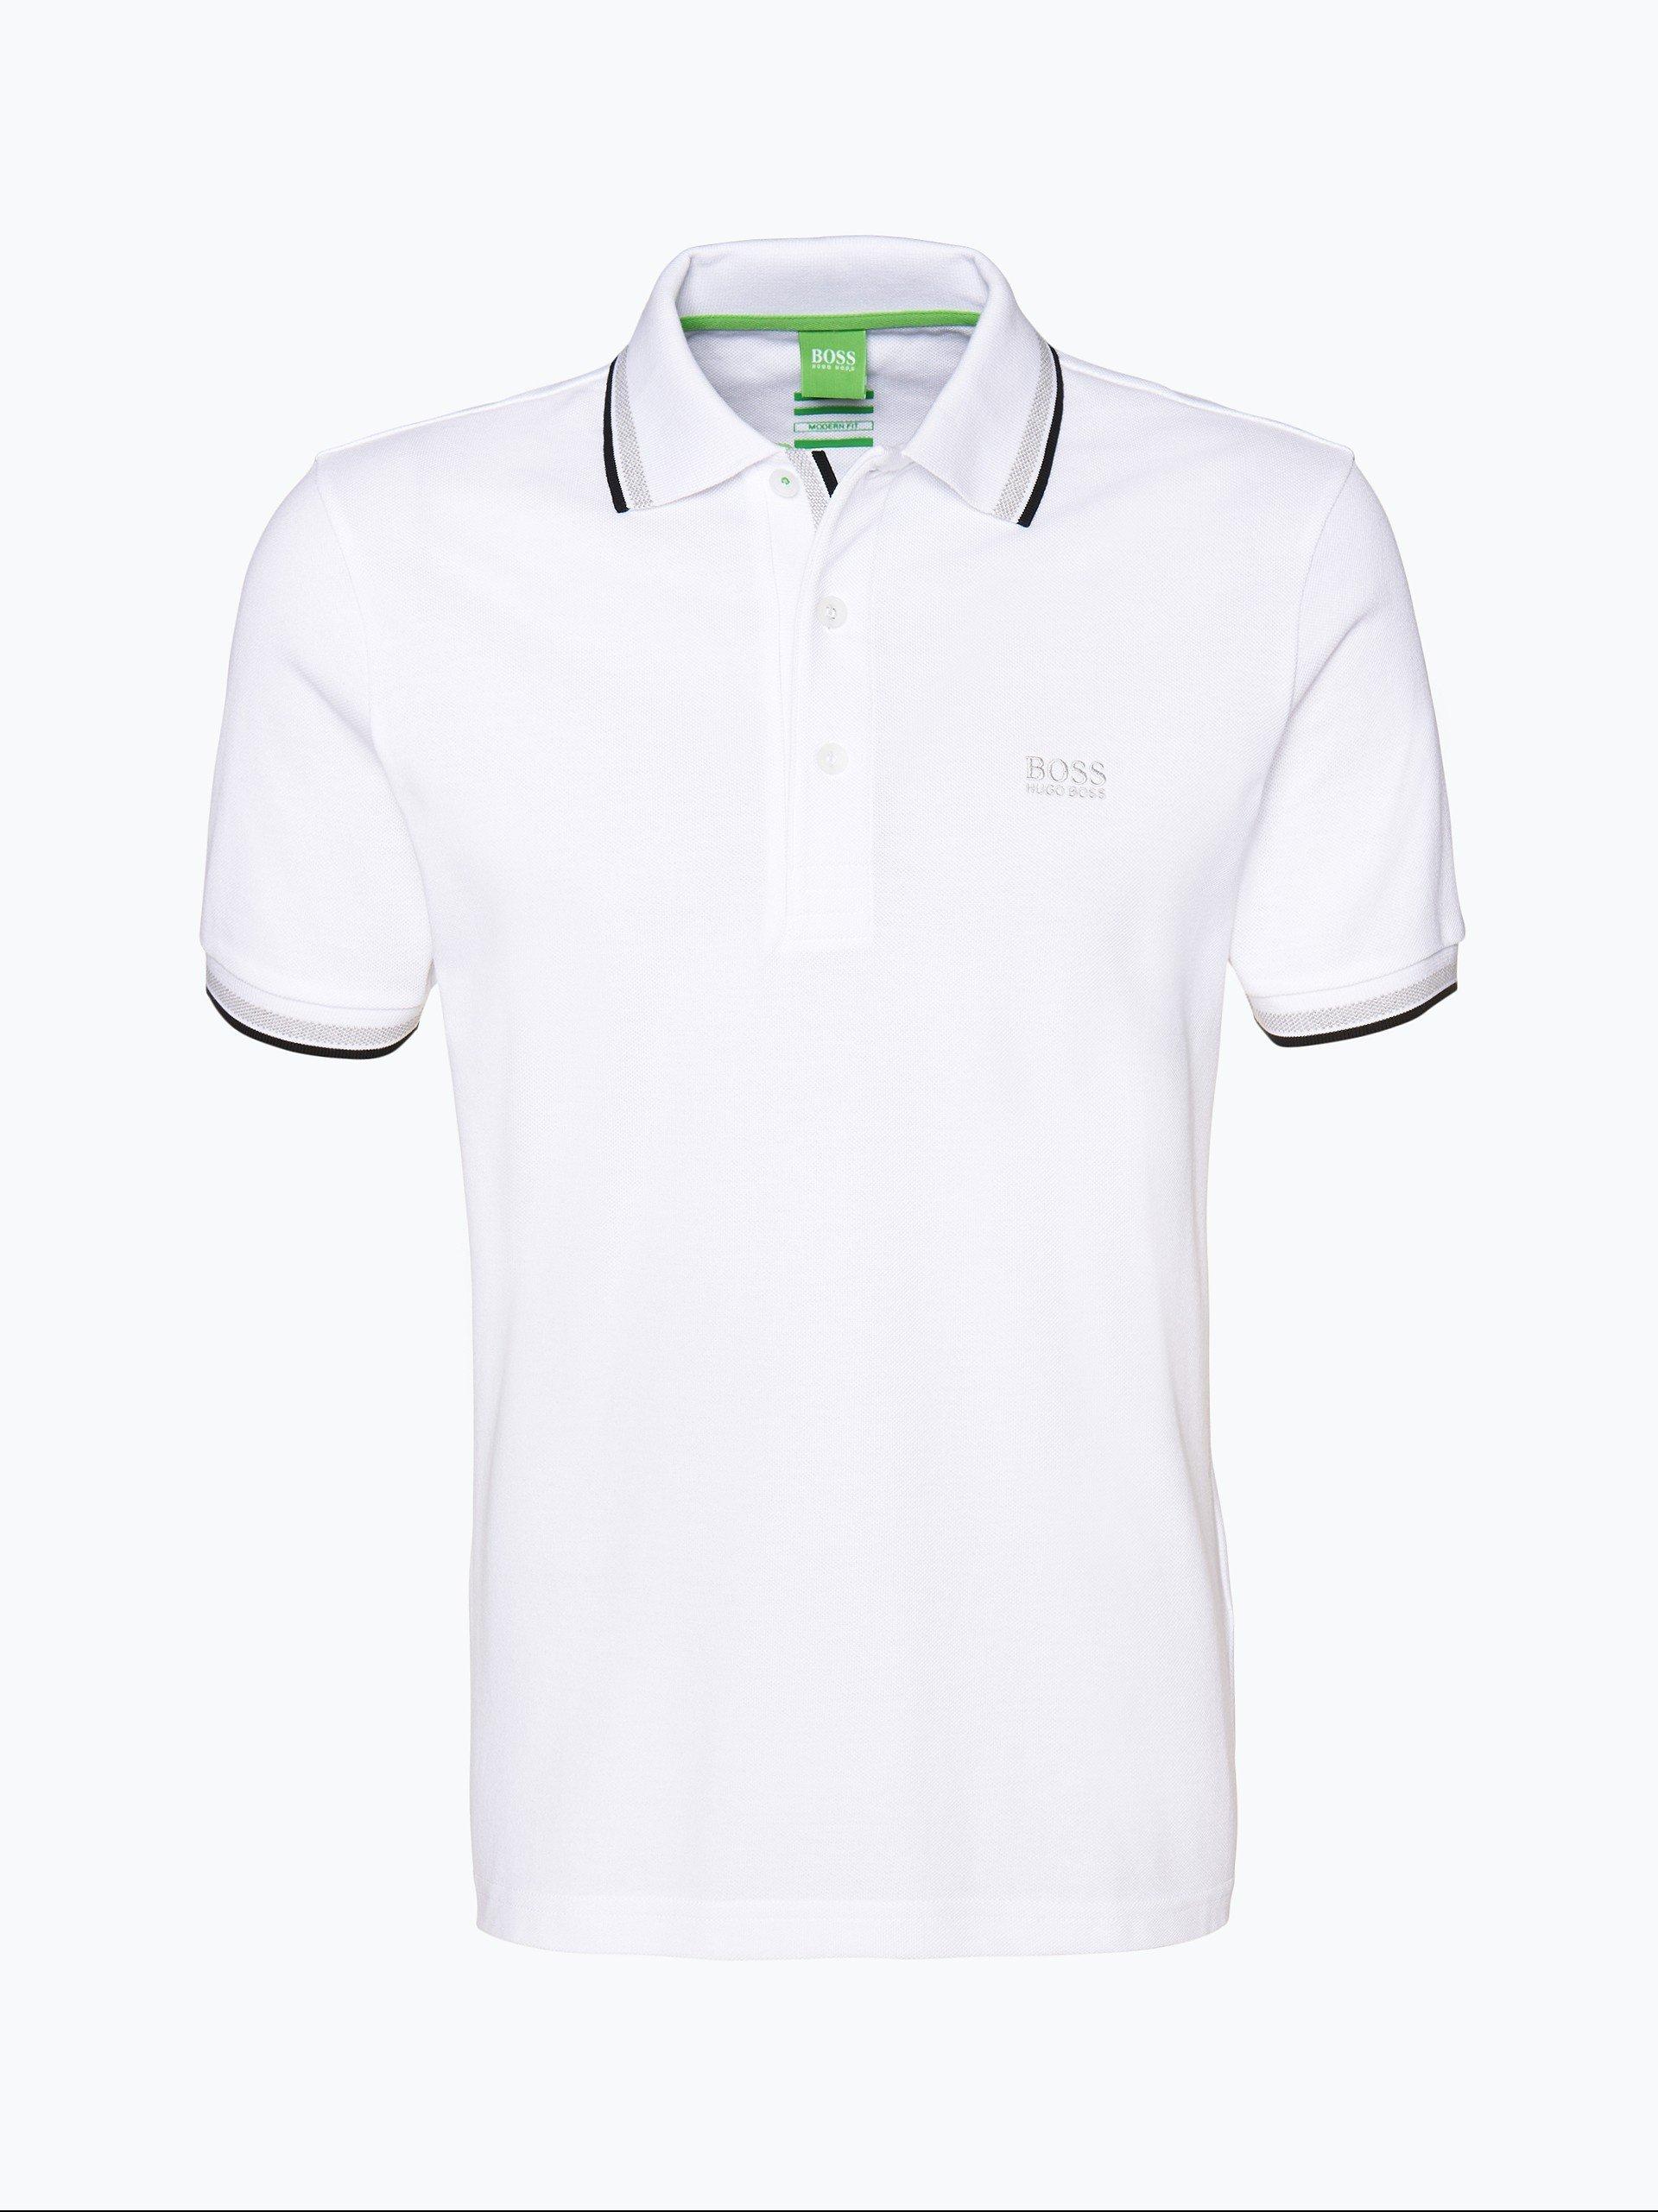 BOSS Athleisure Męska koszulka polo – Paddy